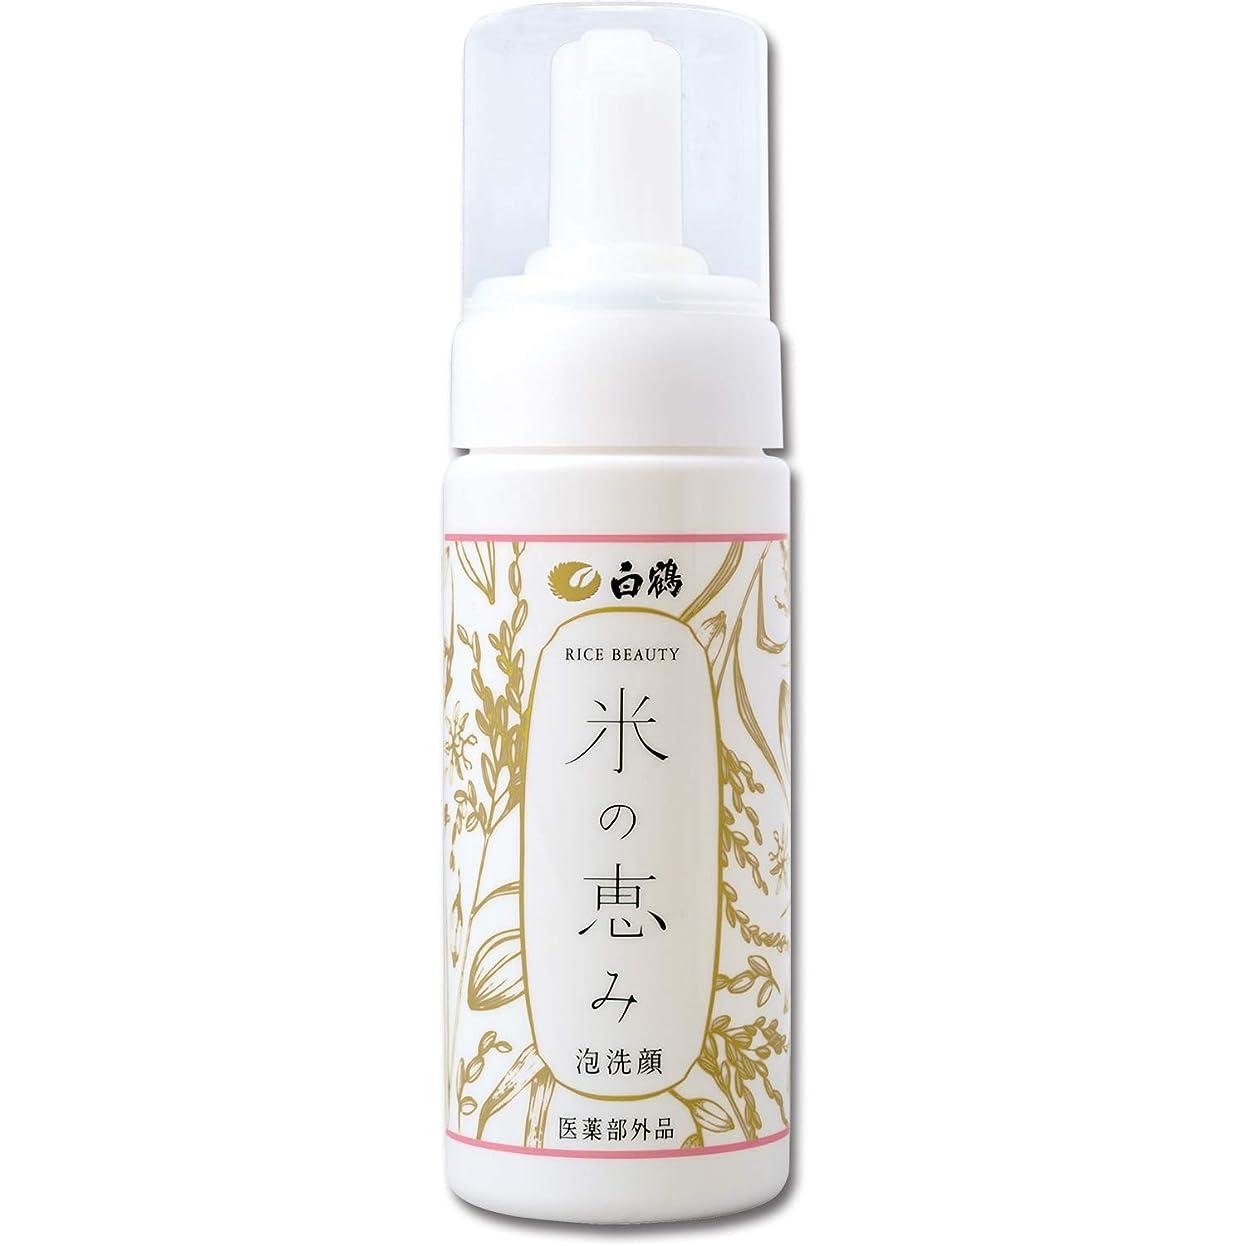 引き渡す手配する責任白鶴 ライスビューティー 米の恵み 泡洗顔 150ml (医薬部外品)